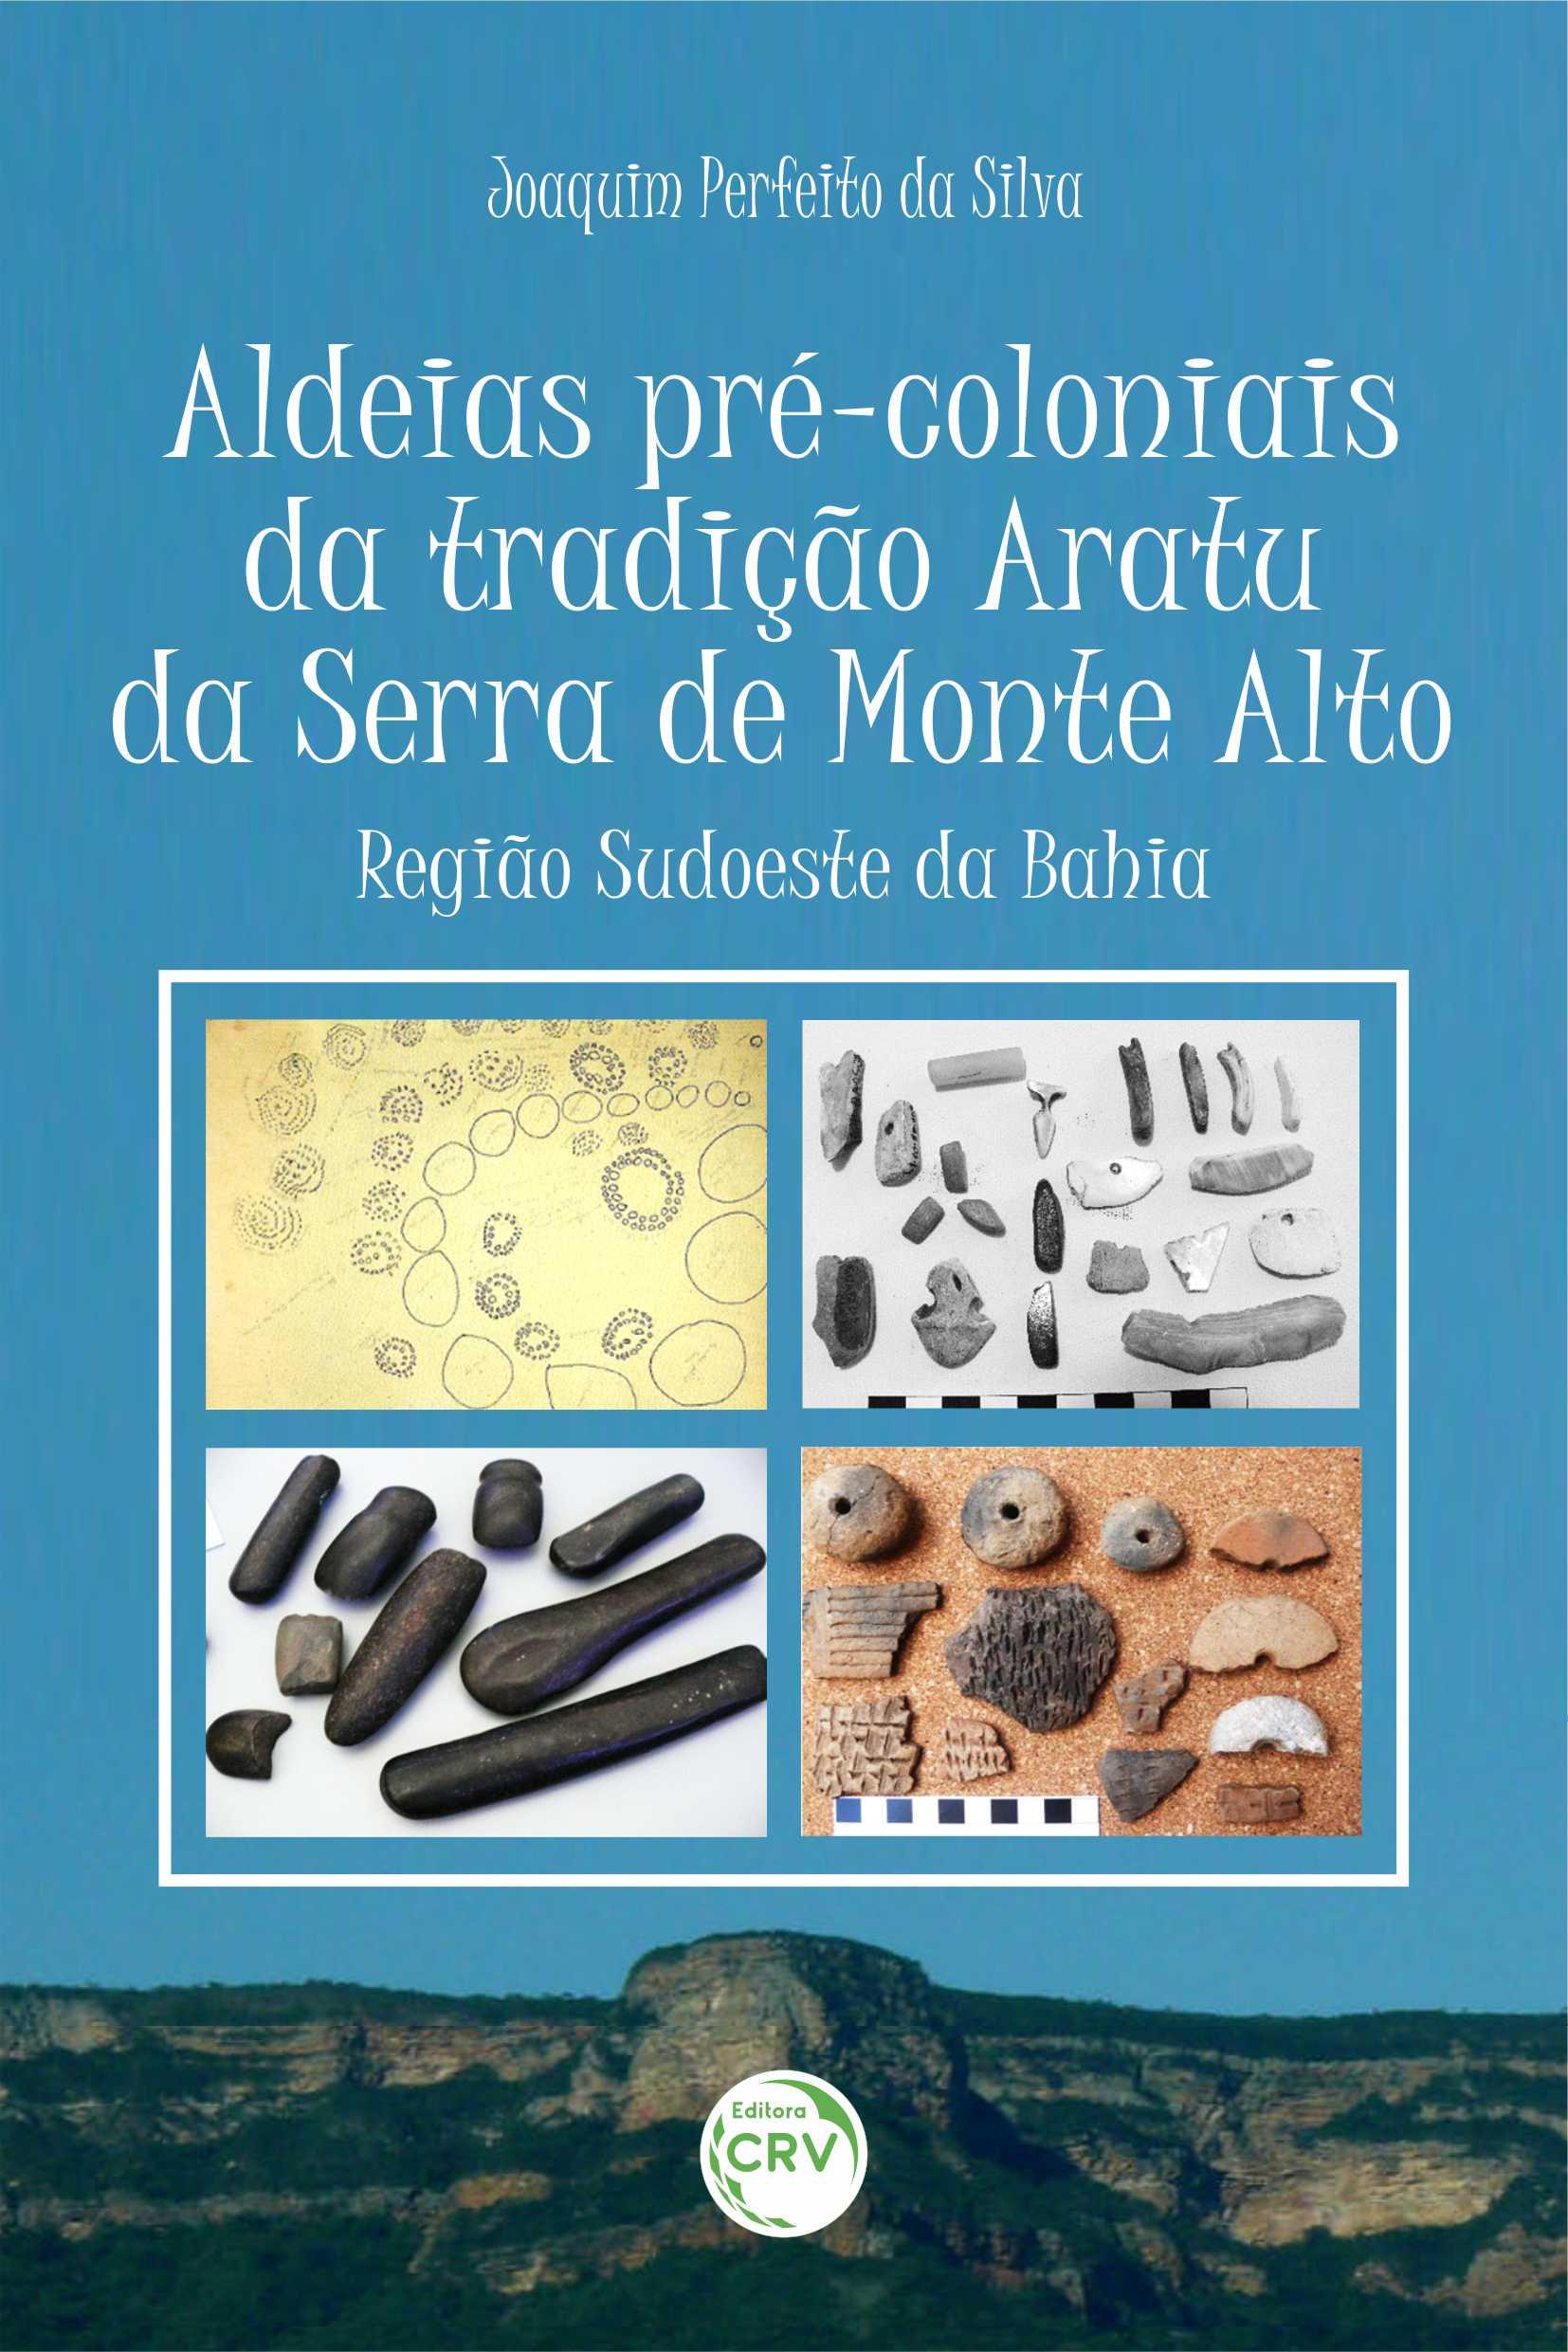 Capa do livro: ALDEIAS PRÉ-COLONIAIS DA TRADIÇÃO ARATU DA SERRA DE MONTE ALTO – REGIÃO SUDOESTE DA BAHIA